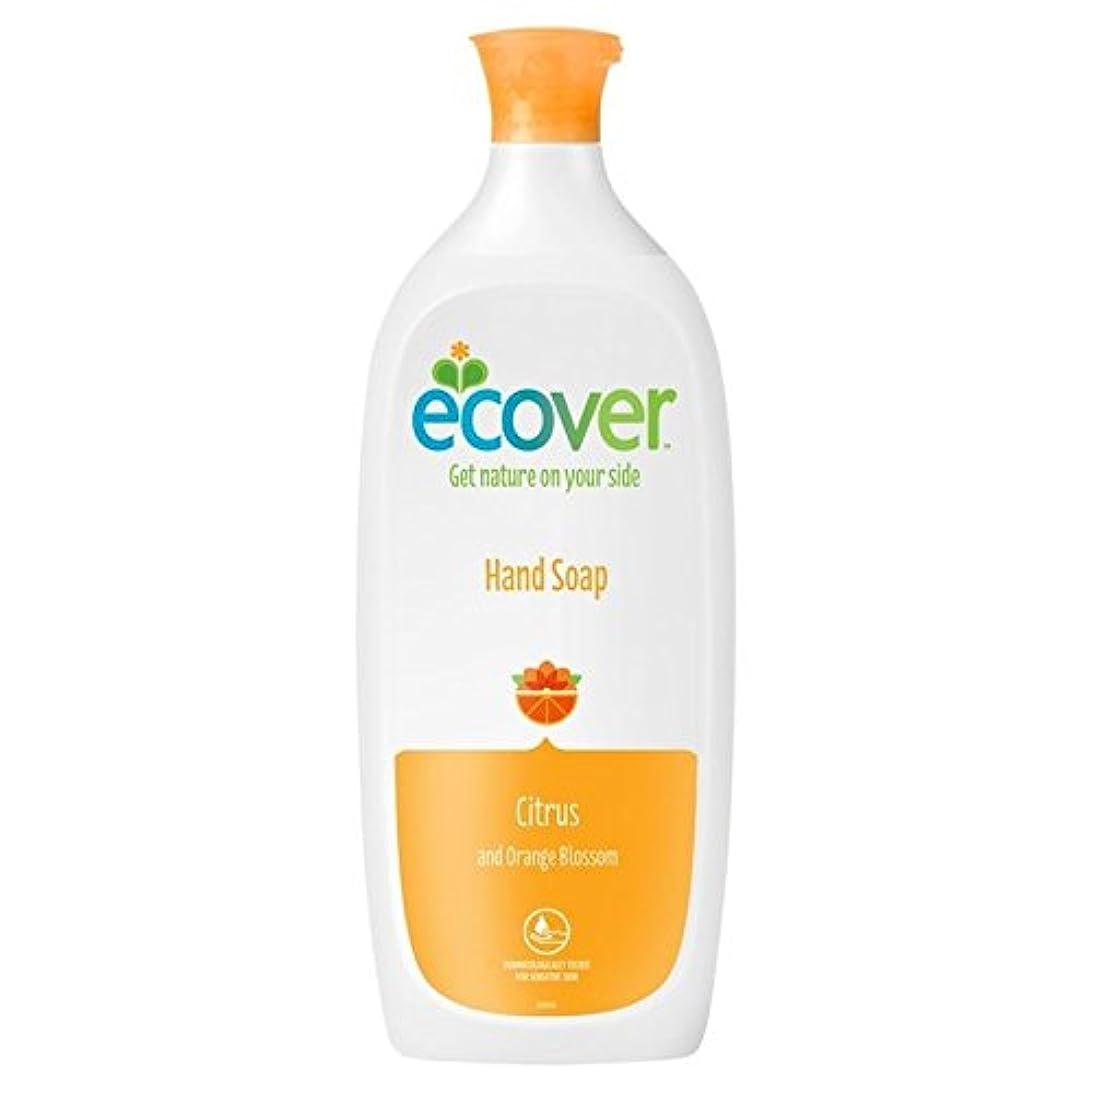 退屈印をつけるぶら下がるエコベール液体石鹸シトラス&オレンジの花のリフィル1リットル x4 - Ecover Liquid Soap Citrus & Orange Blossom Refill 1L (Pack of 4) [並行輸入品]